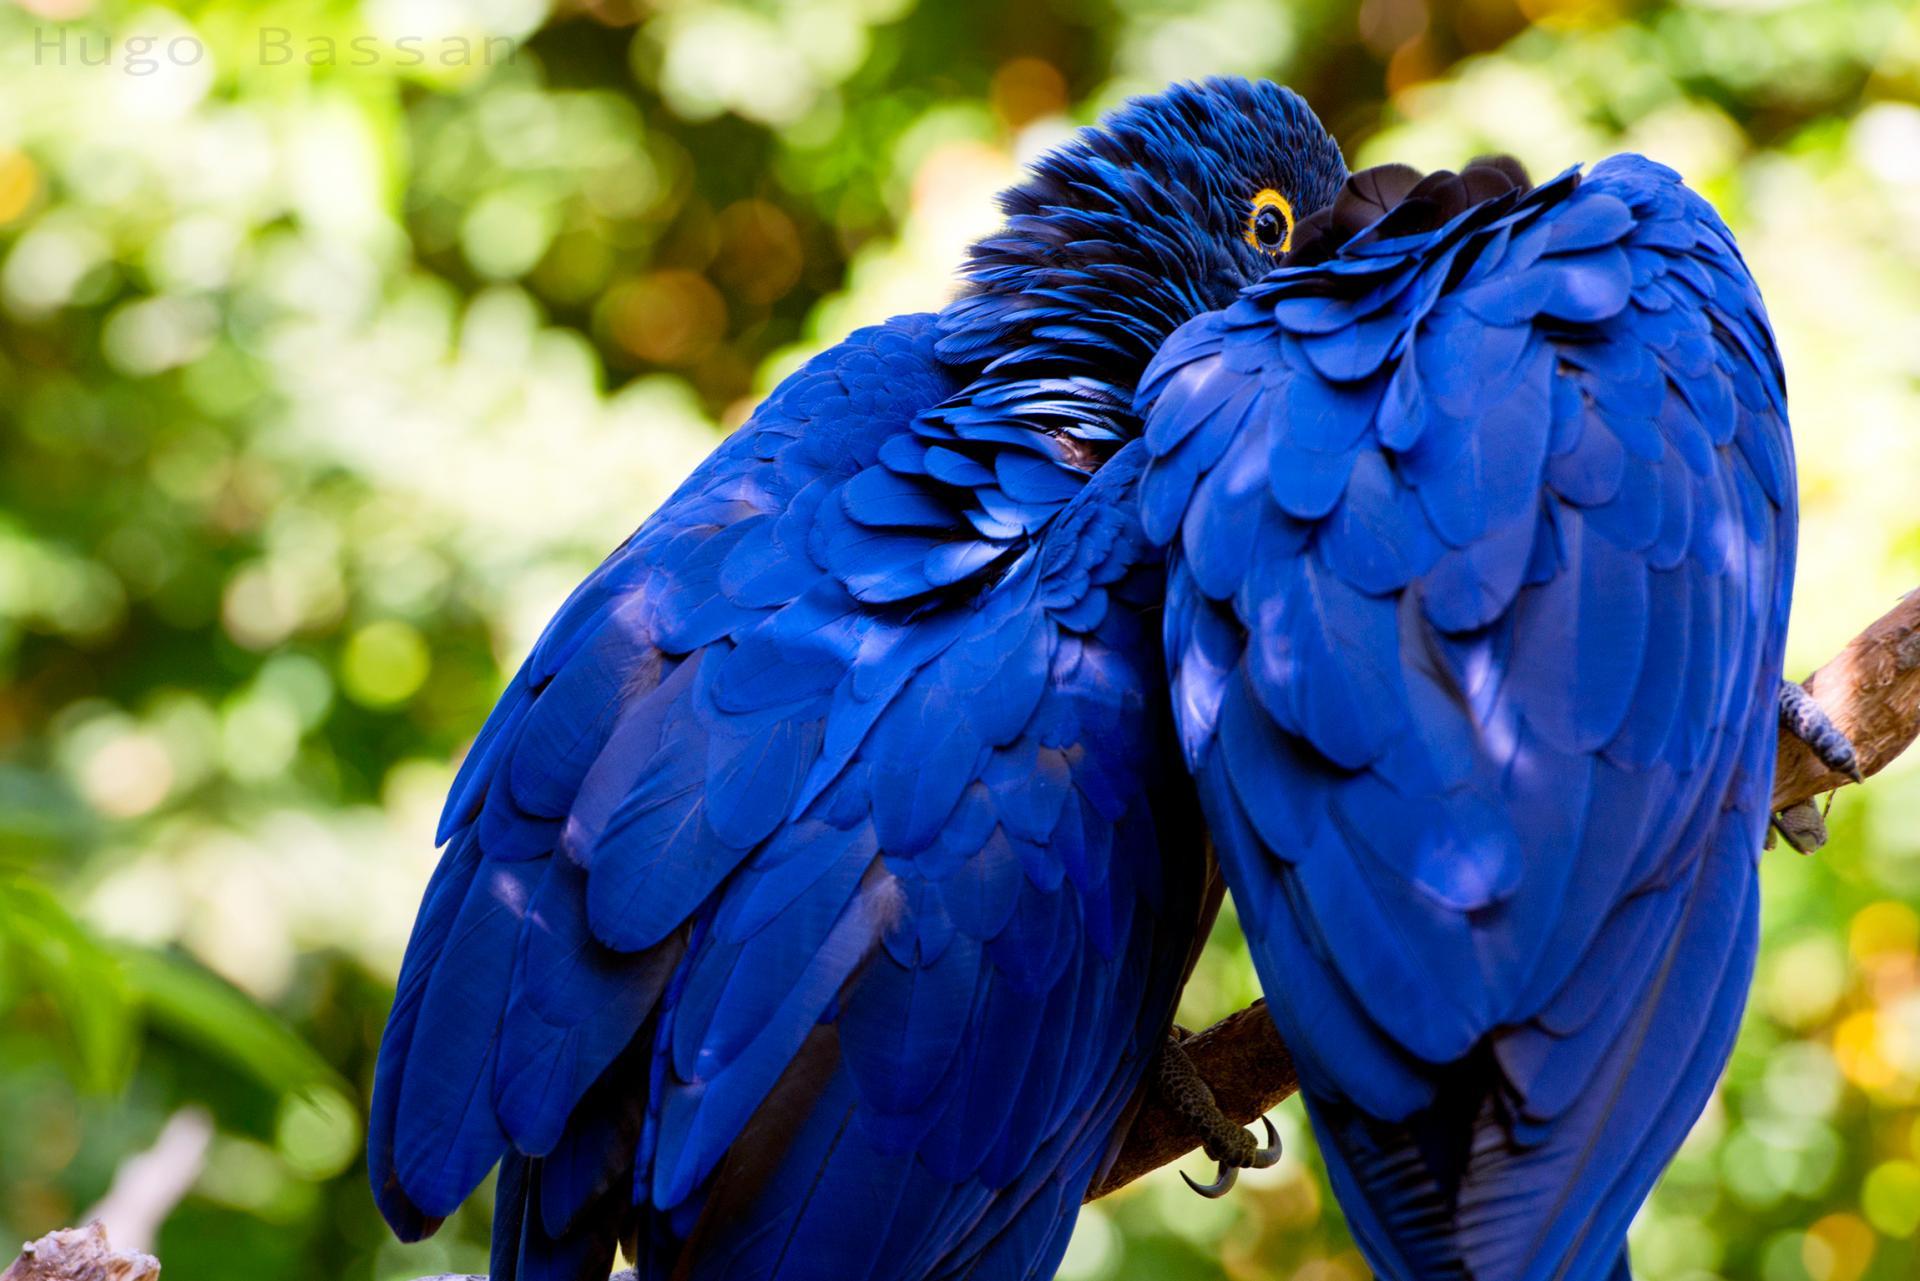 Blue Aras - Parc des Oiseaux